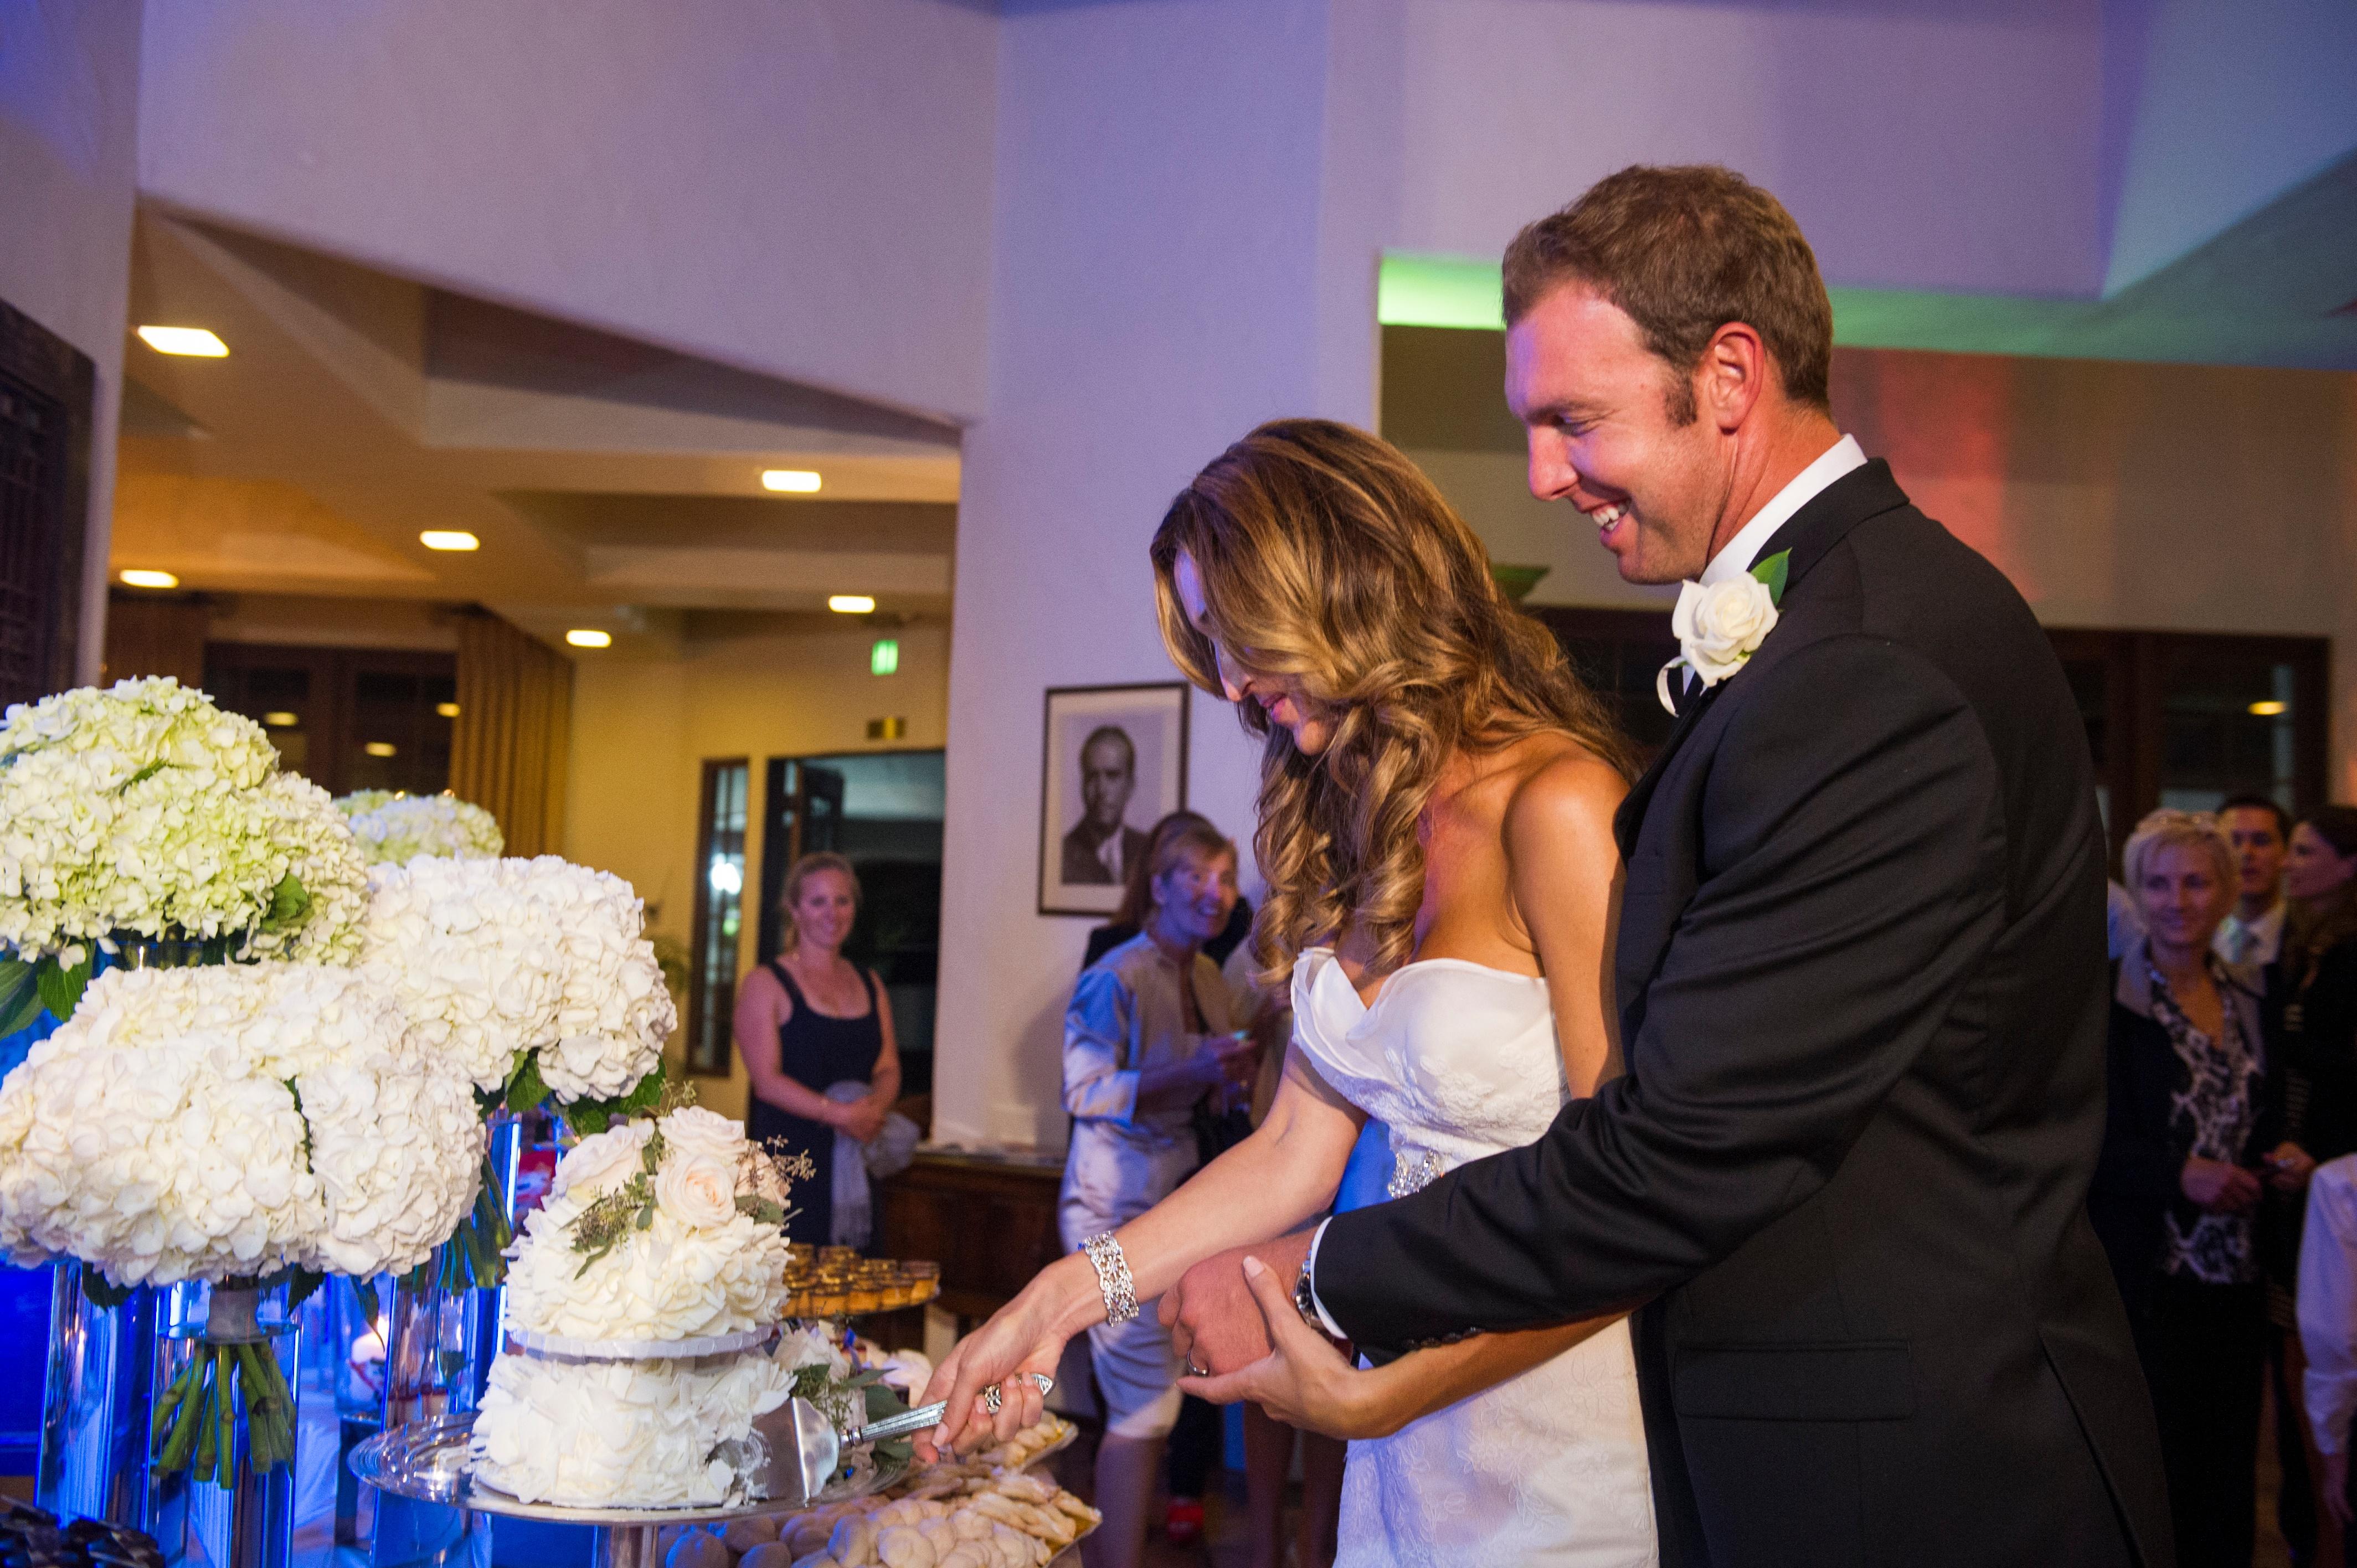 Wedding cake, cut cake